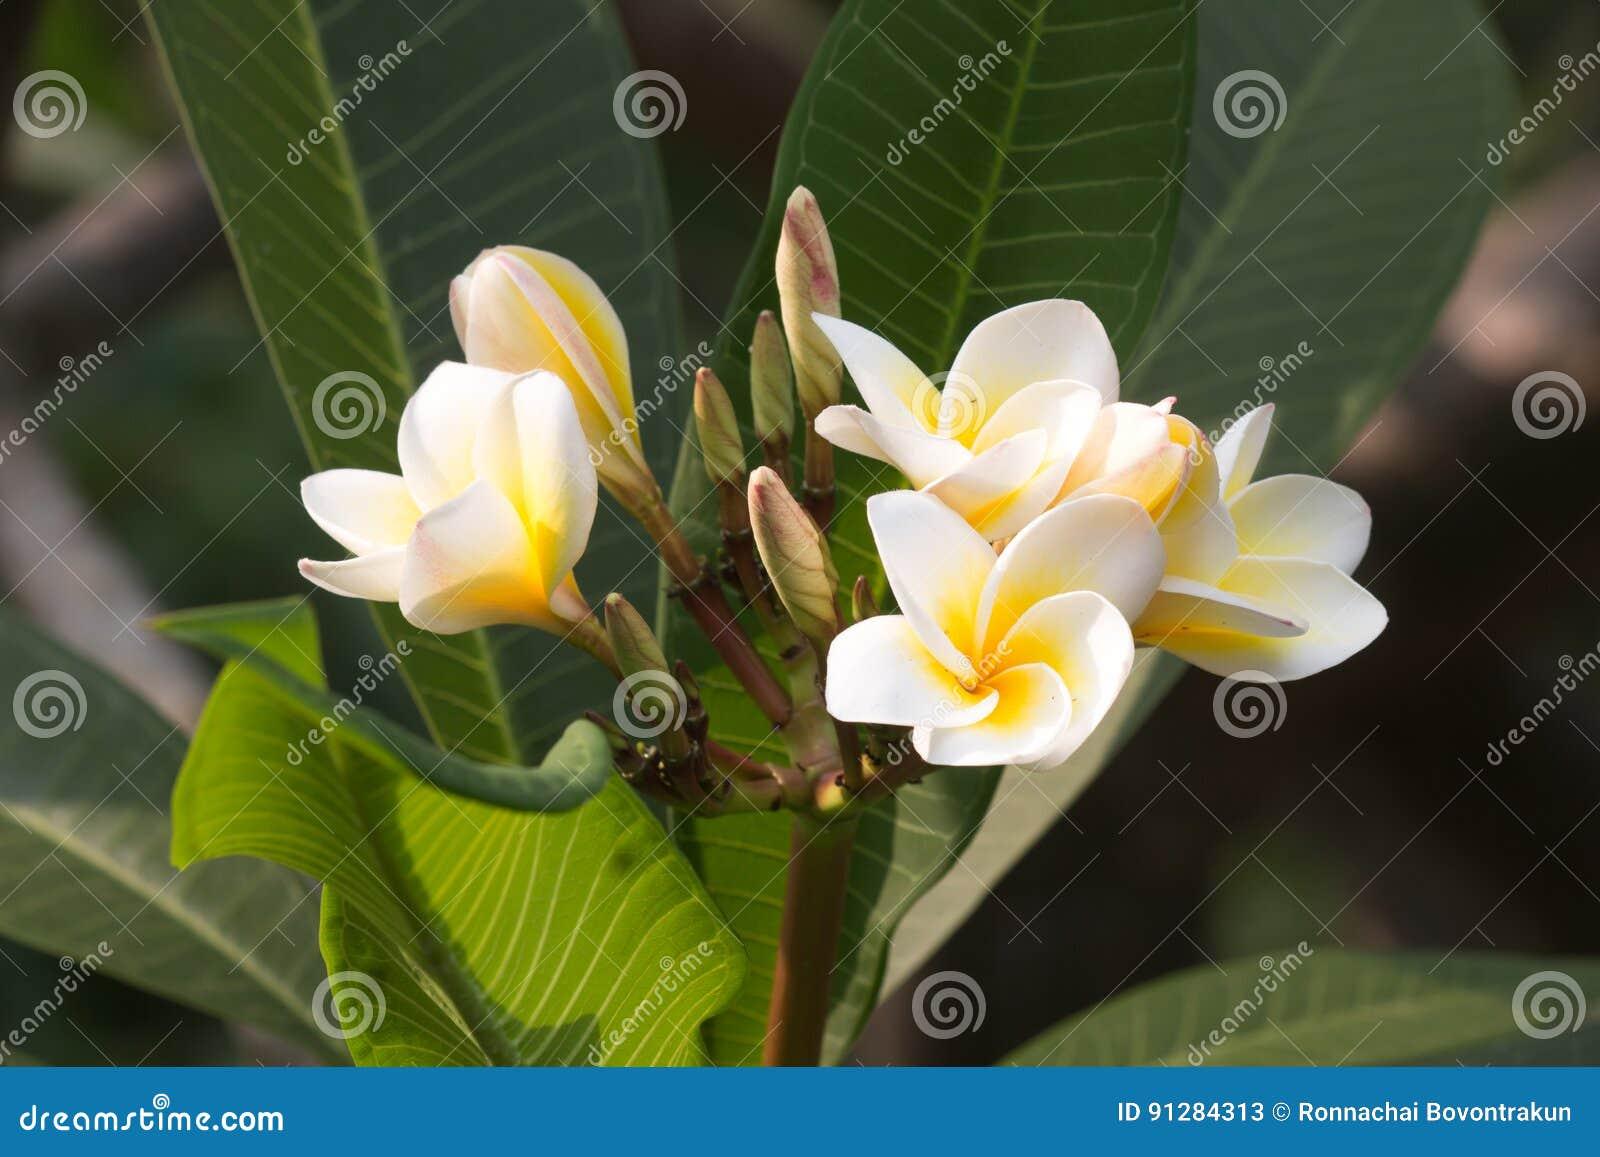 Vit- och gulingfrangipanien blommar med sidor i bakgrund